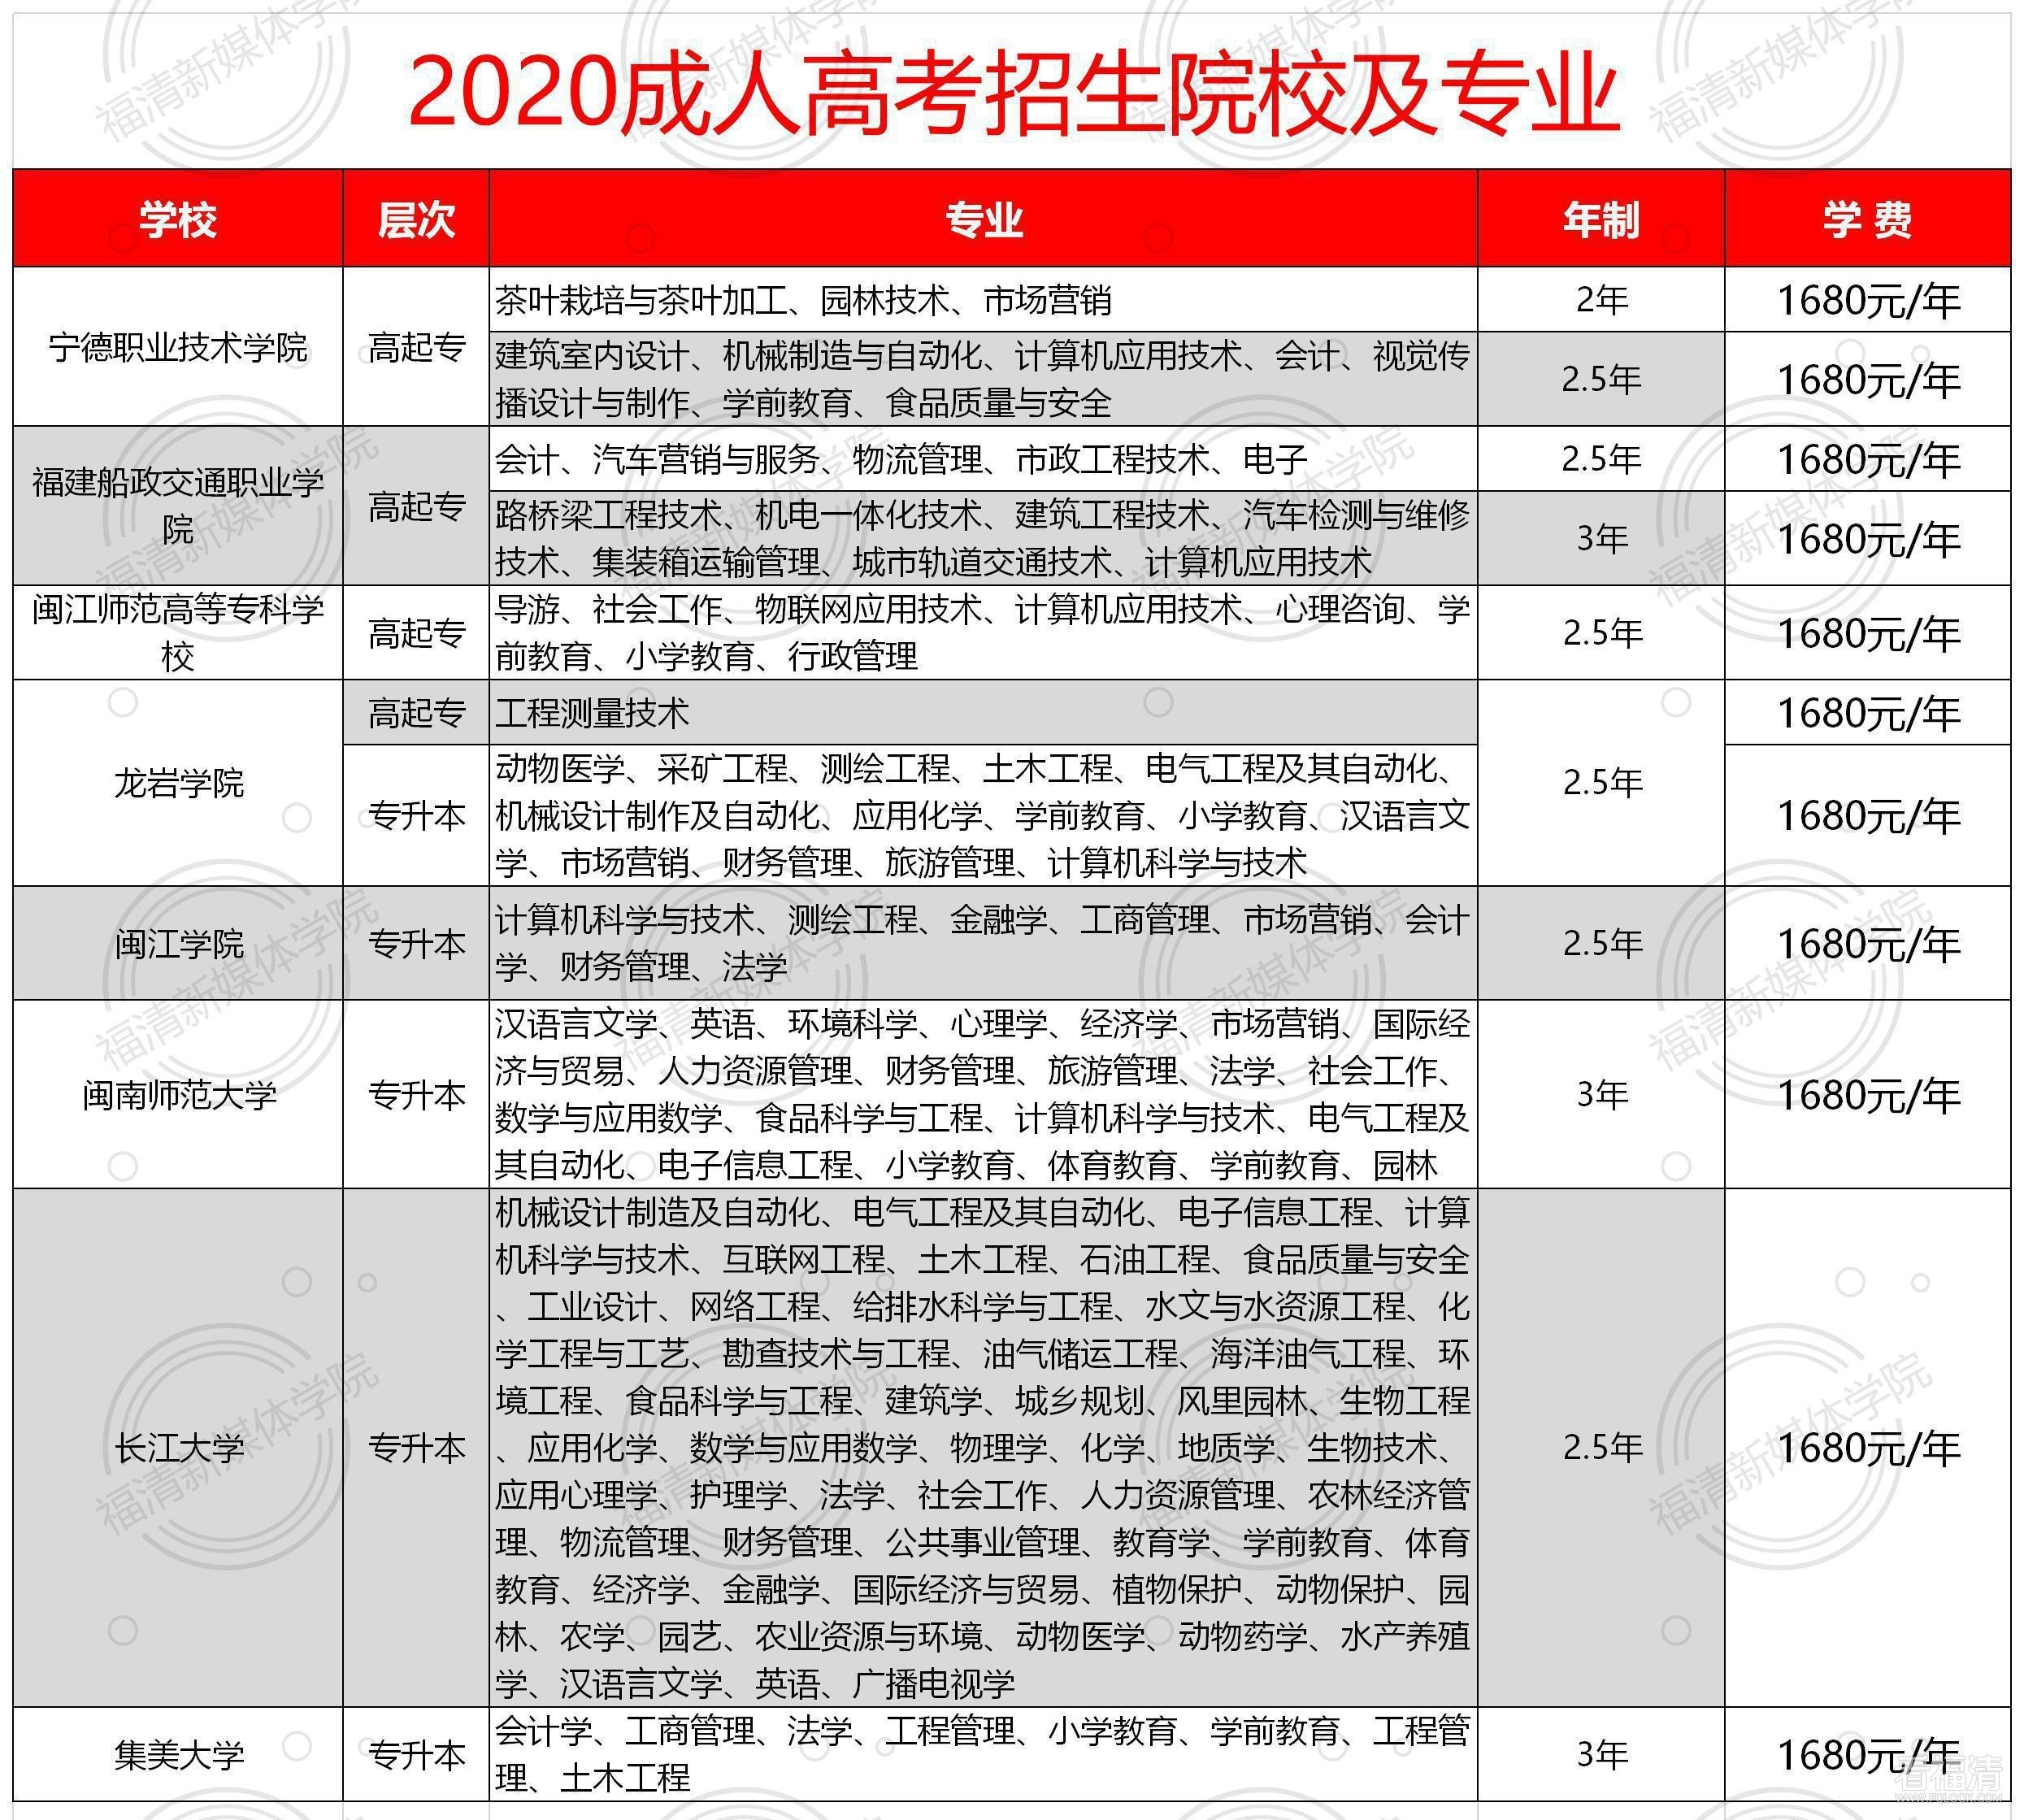 2020成人高考招生院校及专业(1).jpg